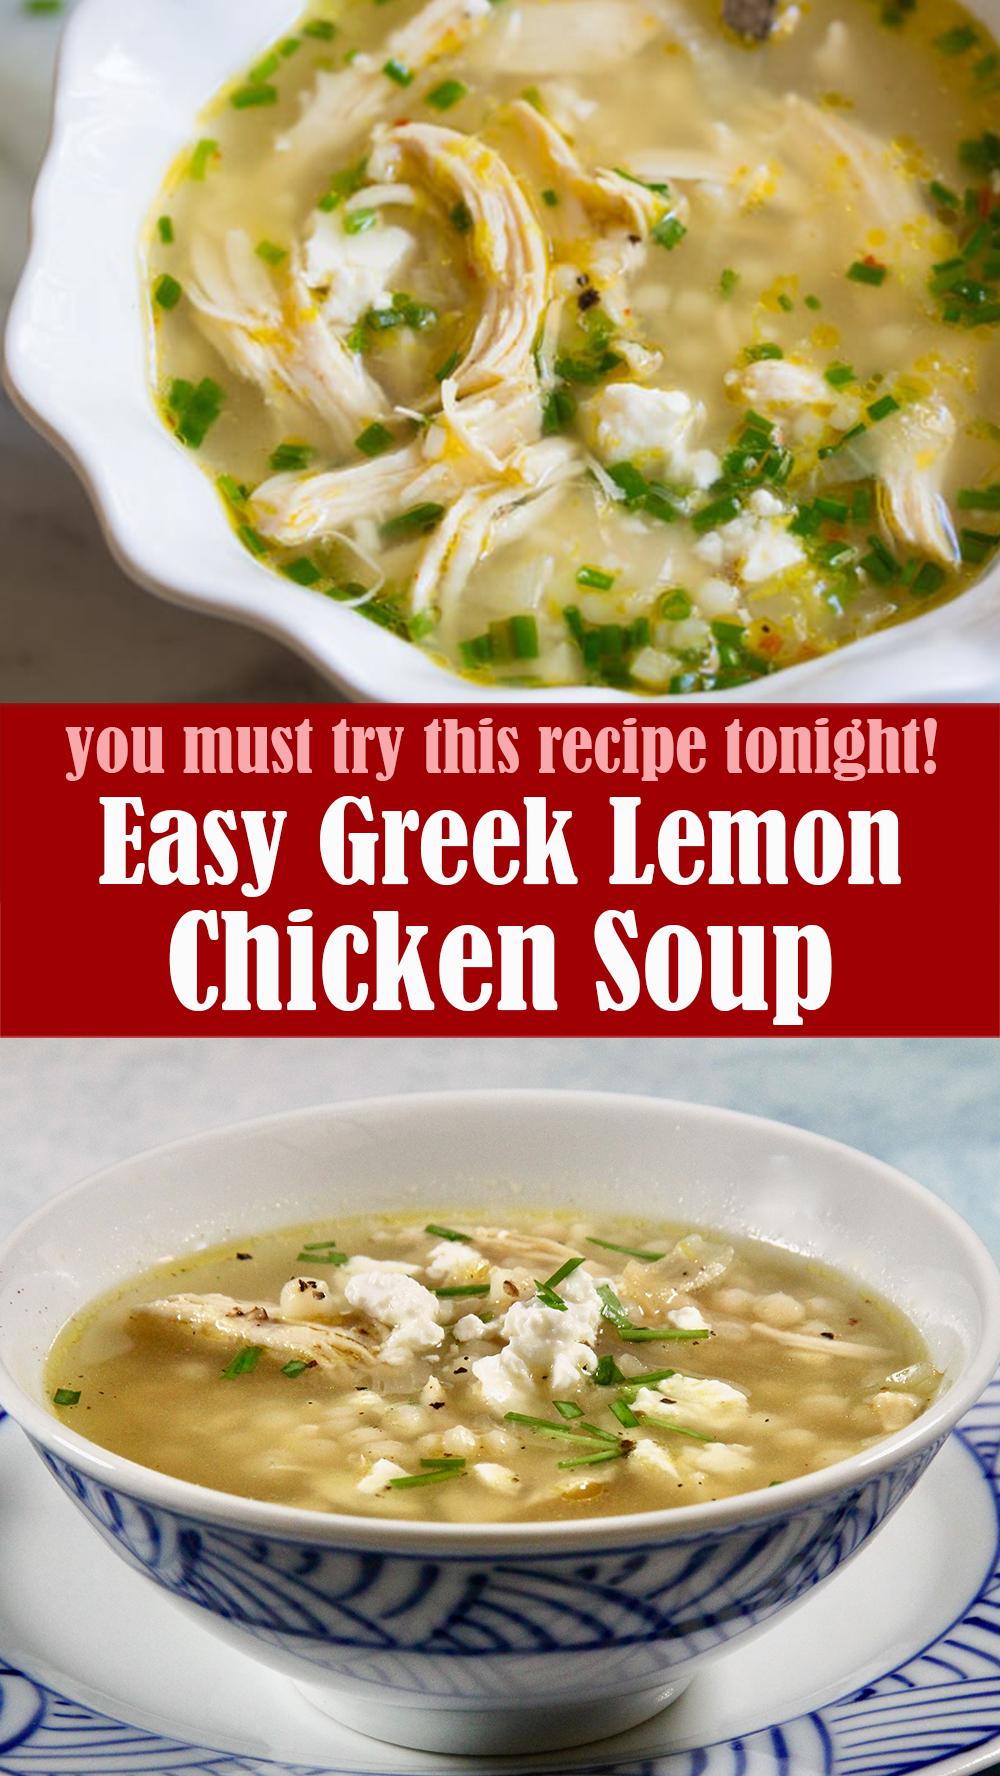 Easy Greek Lemon Chicken Soup Recipe